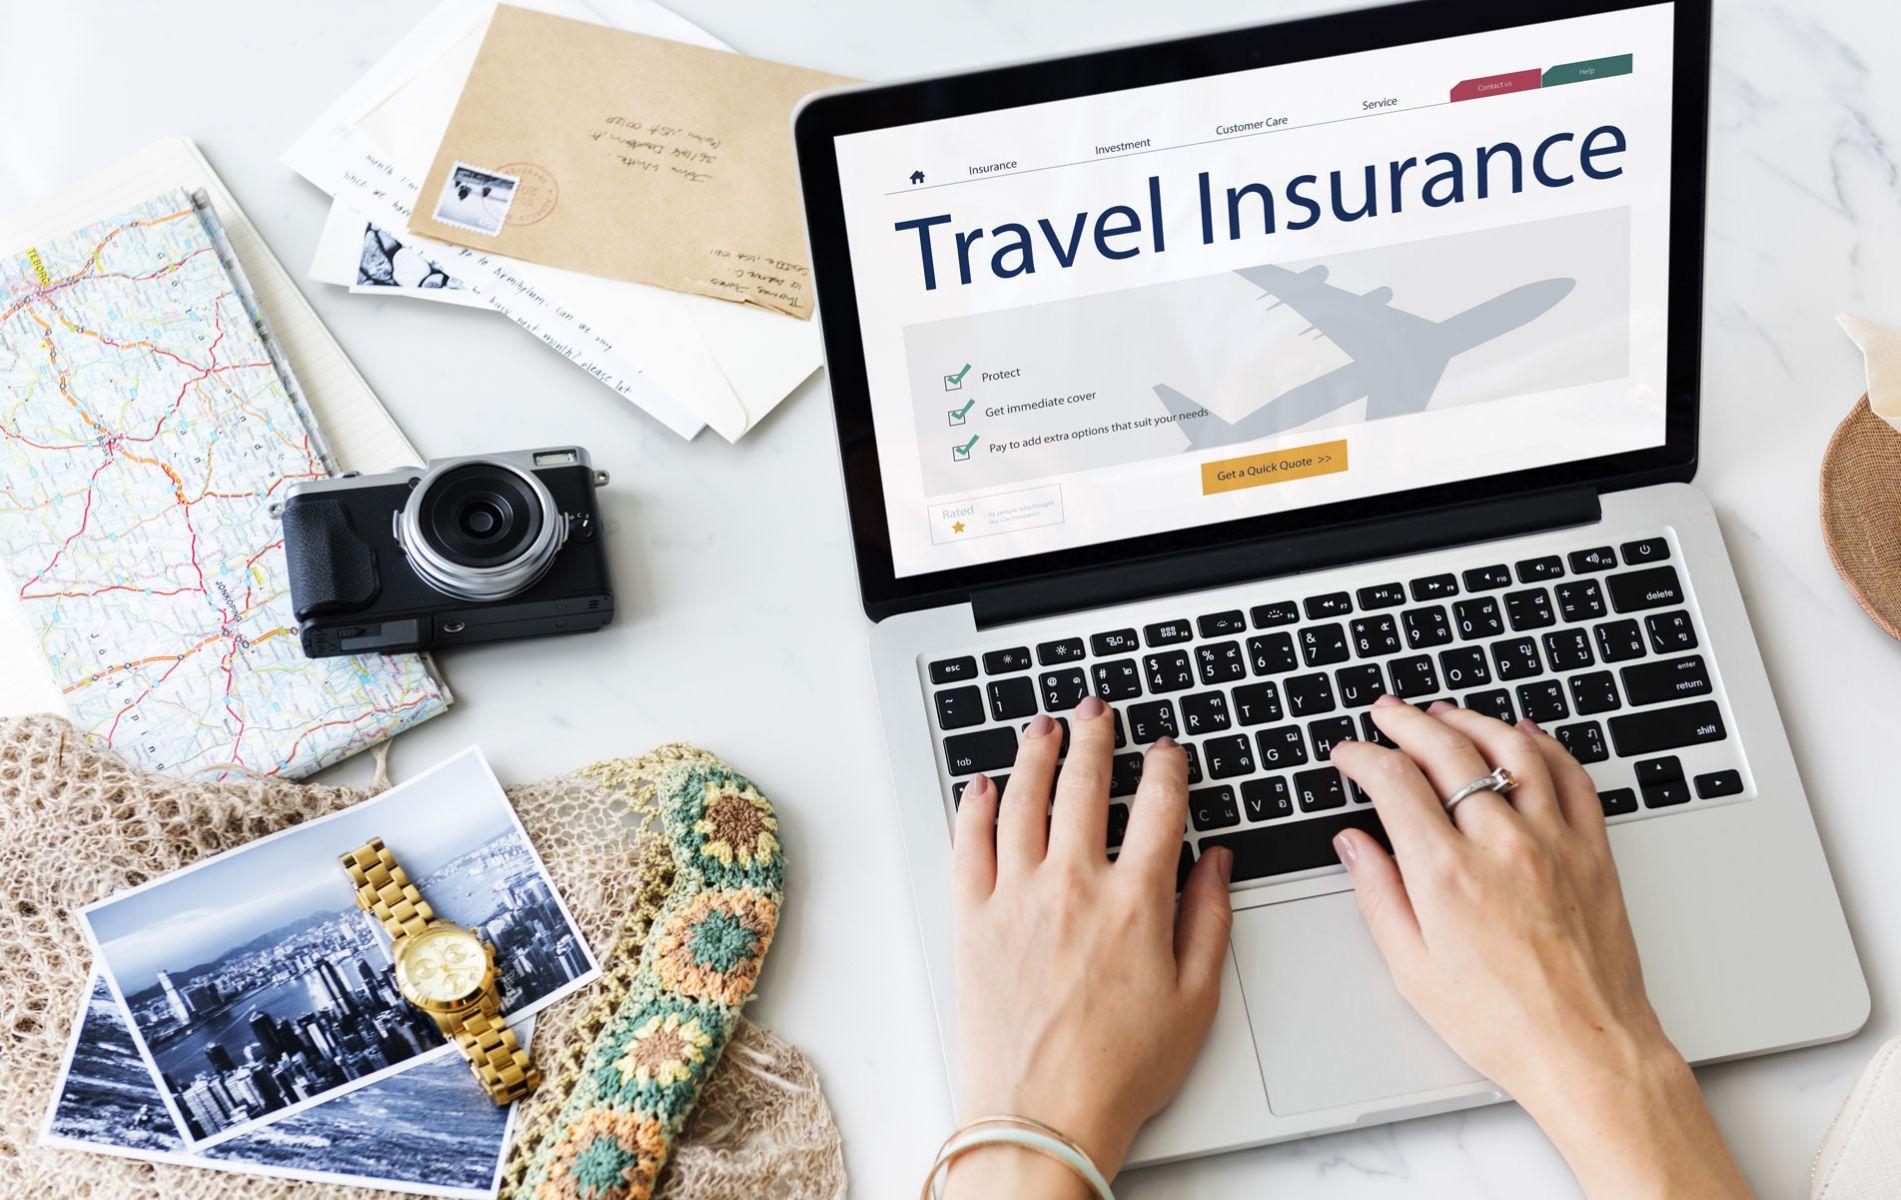 出國前投保旅平險 只刷卡付團費是不夠的!